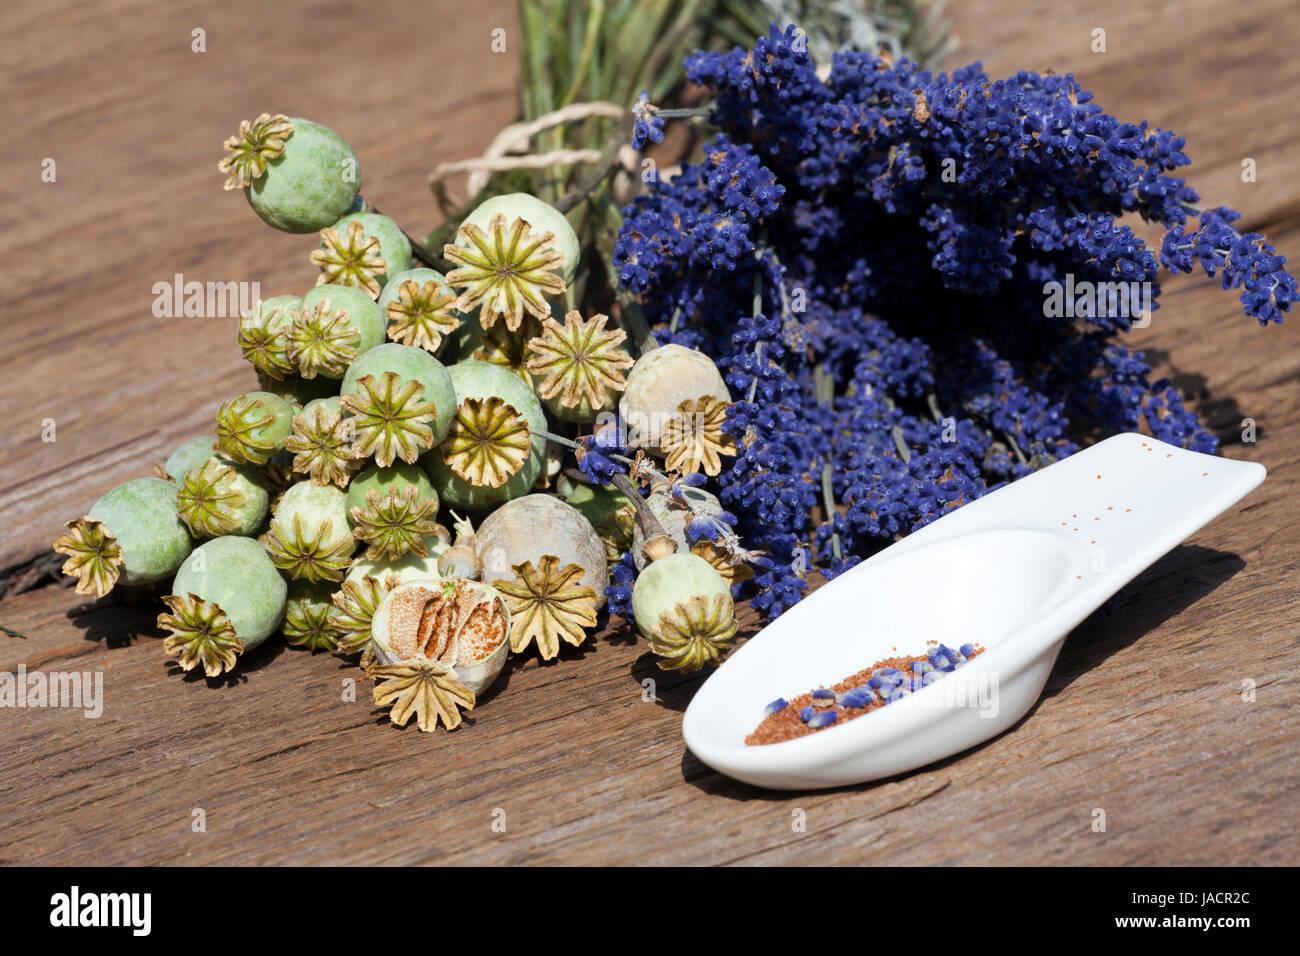 Sommerernte von Lavendelblüten, Schlafmonkapseln und Mohnsamen in einer kleinen Porzellanschale auf einem rustikalem - Stock Image